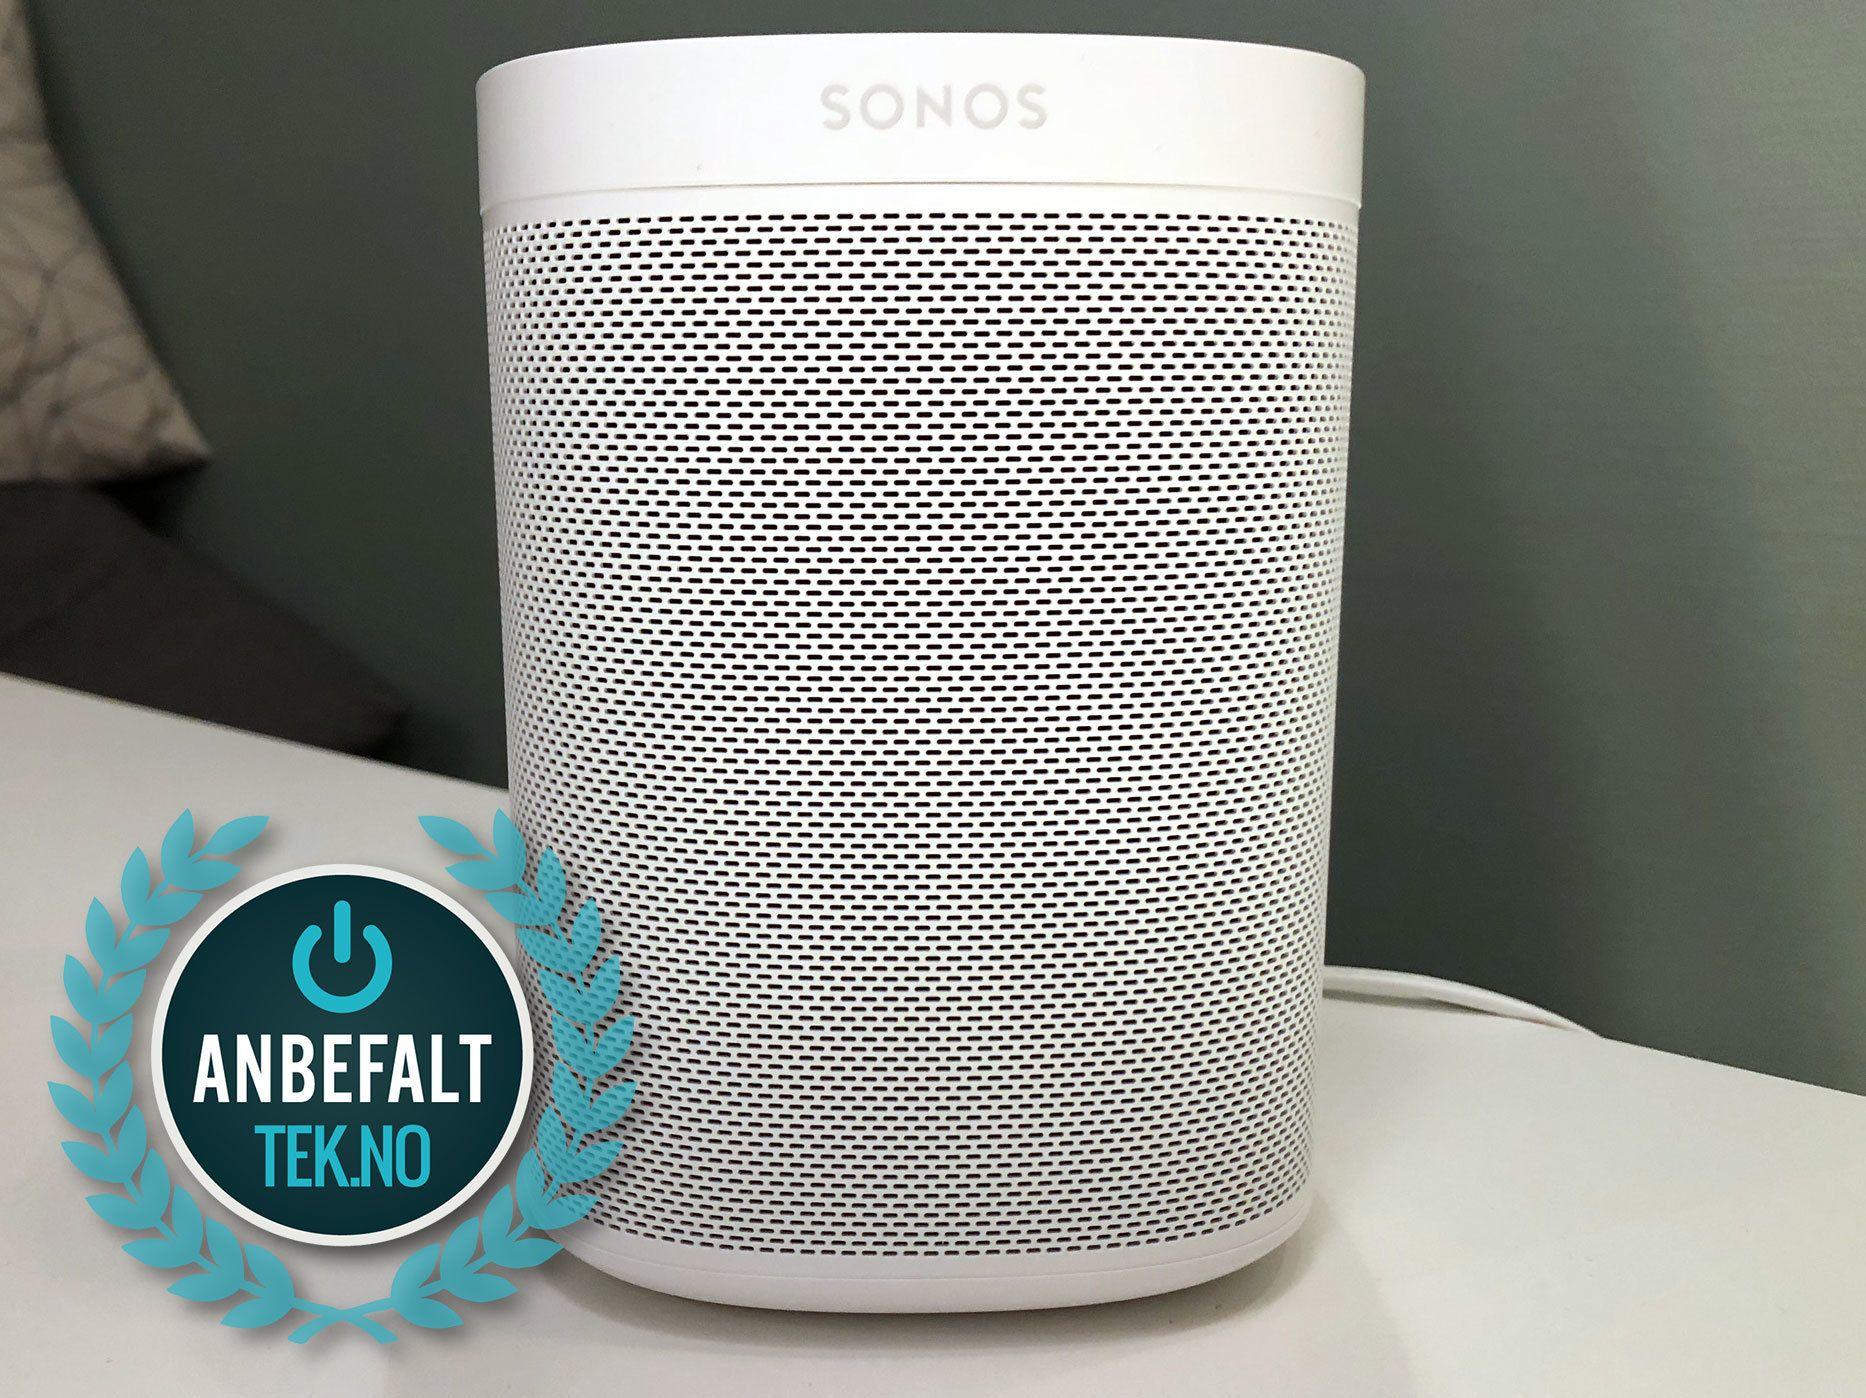 Til tross for mangel på stemmestyring er det en utrolig god høyttaler, og i framtiden blir den enda bedre.